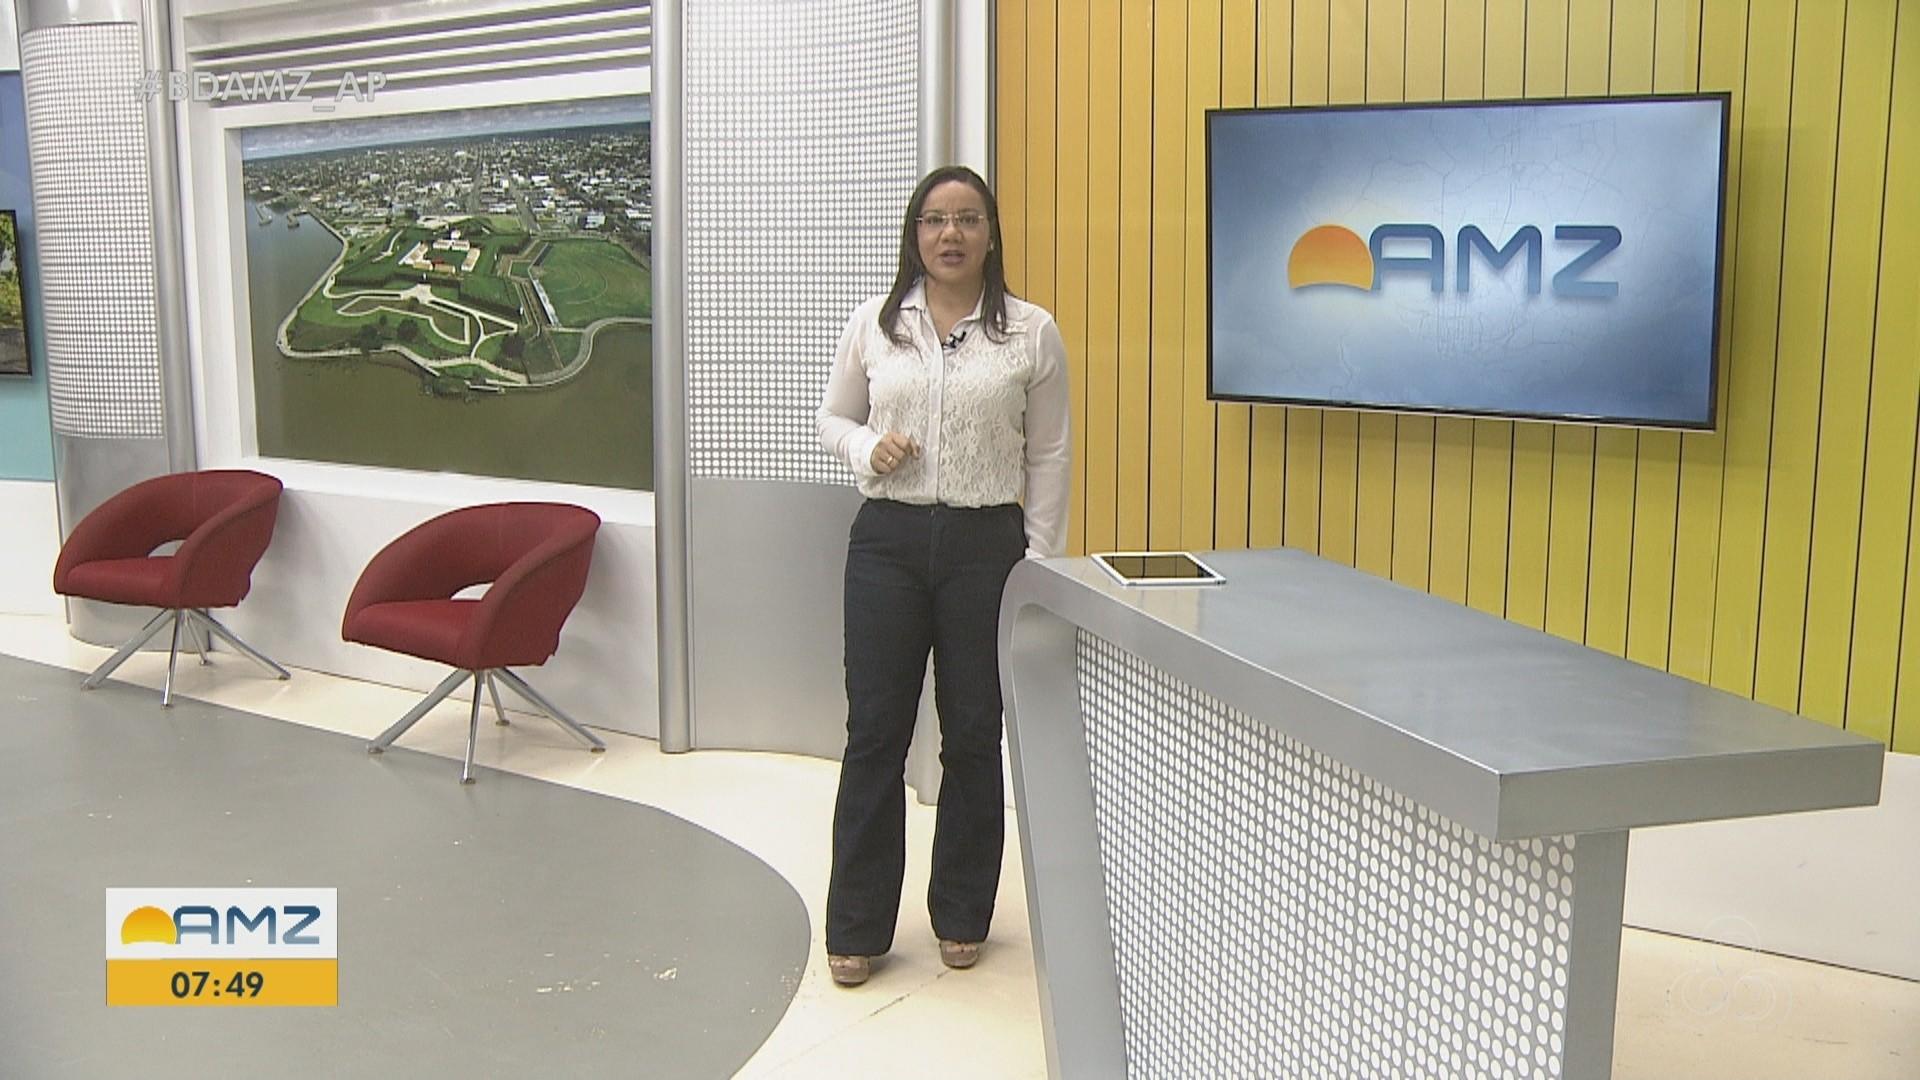 VÍDEOS: Bom Dia Amazônia - AP de sexta-feira, 14 de agosto